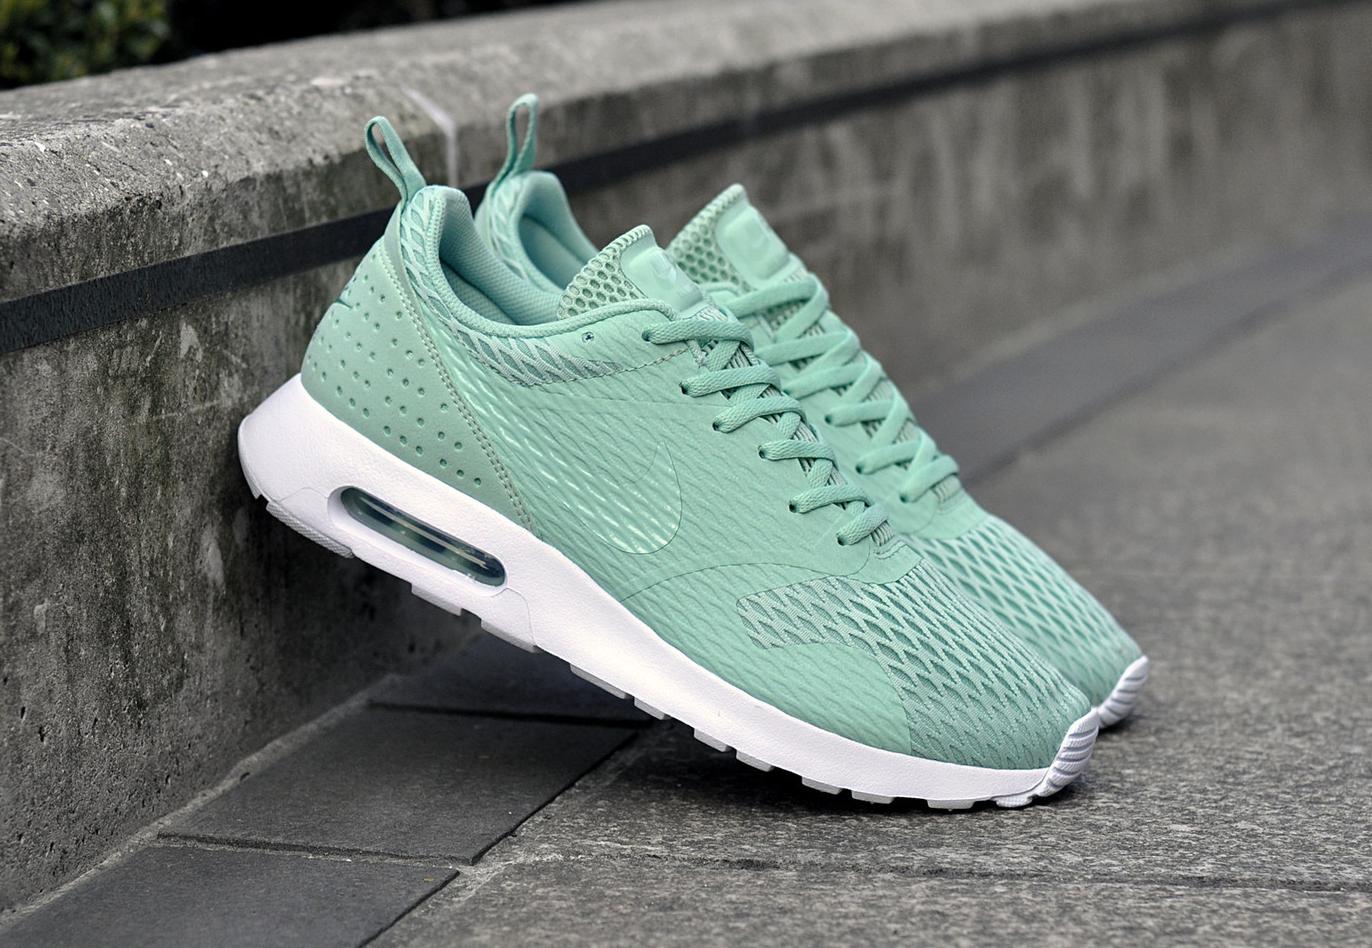 Chaussure Nike Air Max Tavas SE Enamel Green (1)